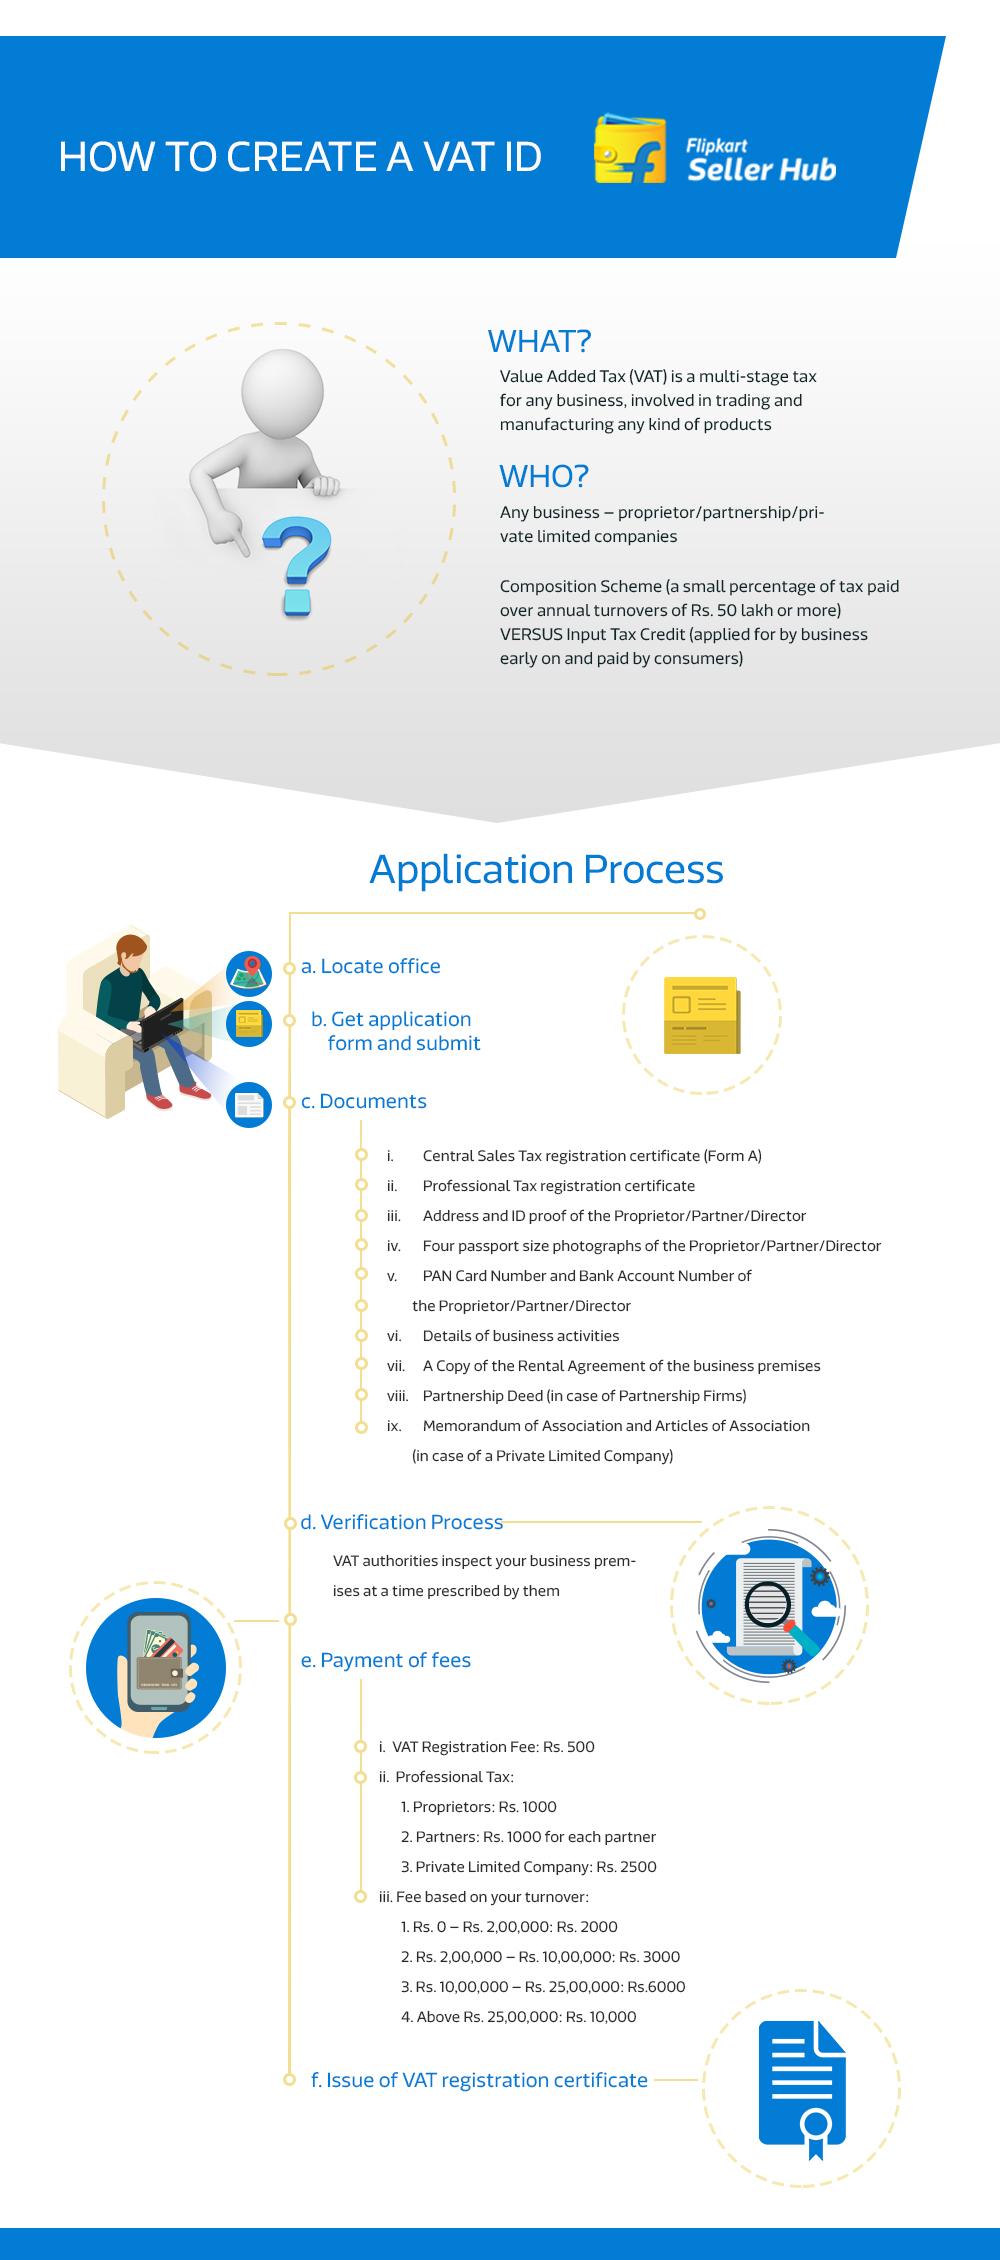 How to Obtain VAT Registration in India to Register on Flipkart